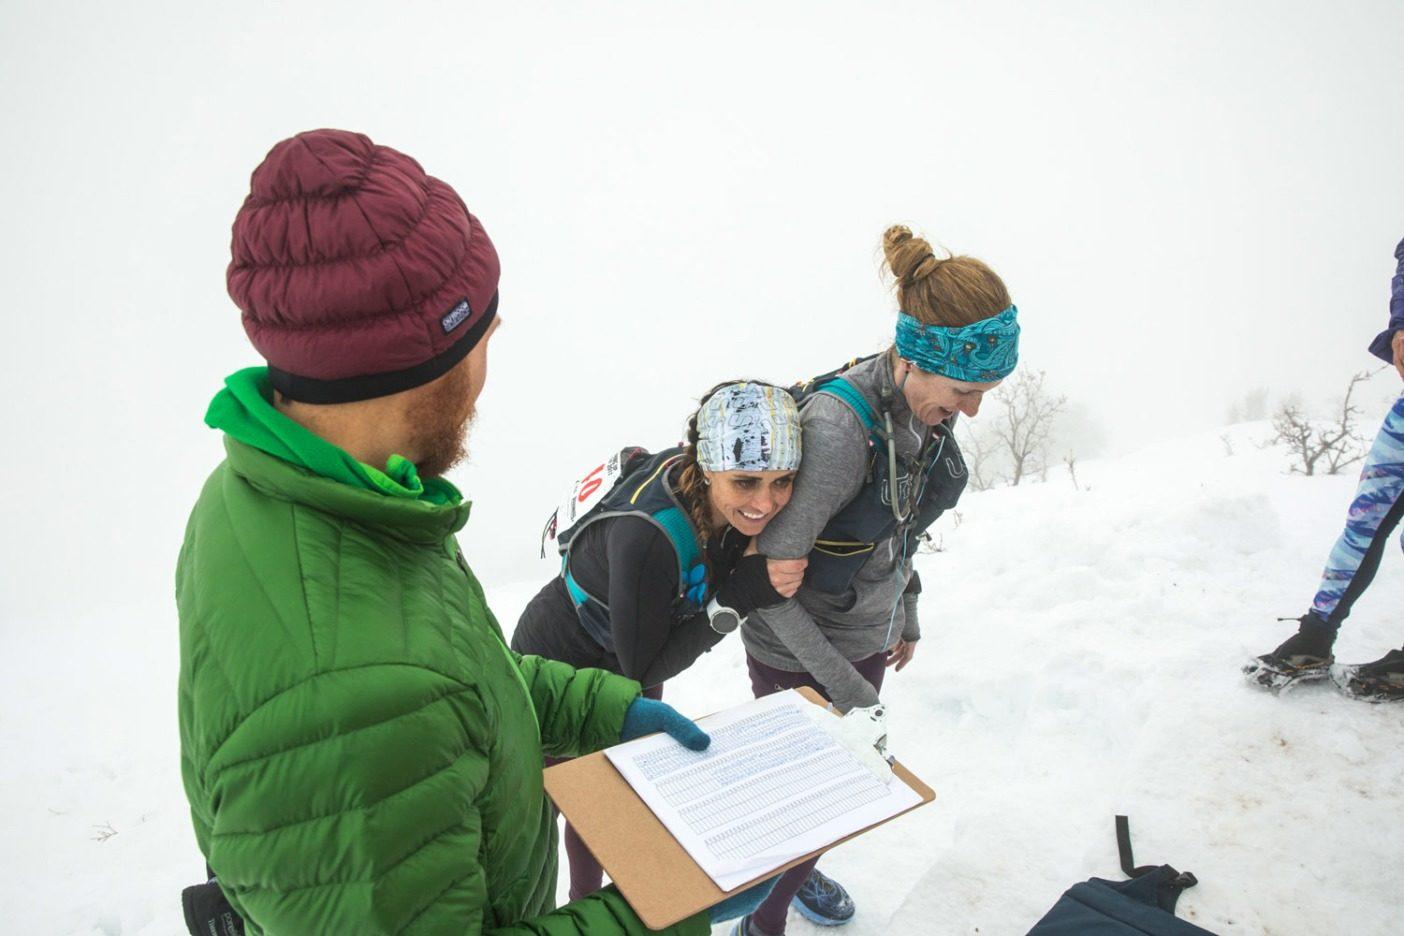 頂上での笑いは次に控えている下山のあいだも興奮を持続させてくれる。Photo: Andrew Burr